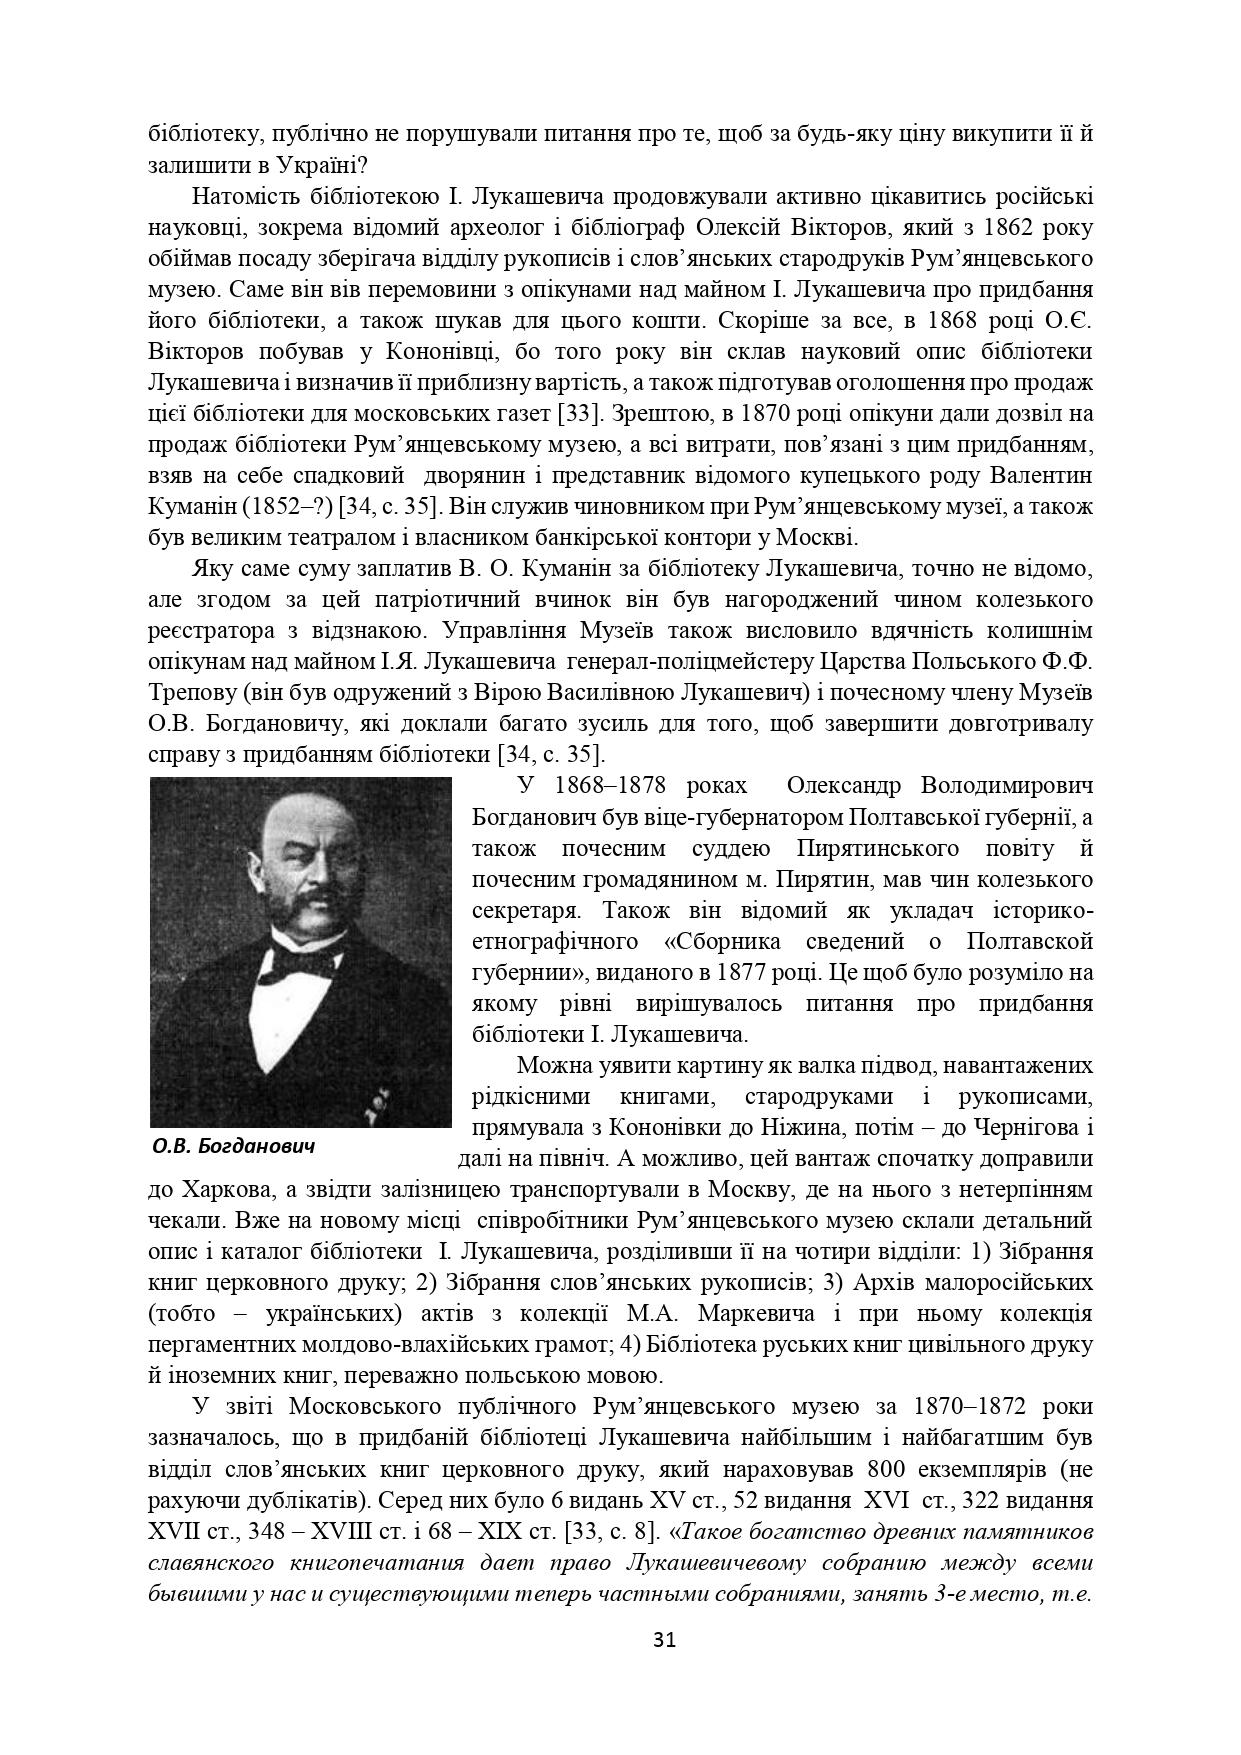 ІСТОРІЯ СЕЛА КОНОНІВКА 2021 (1)_page-0031